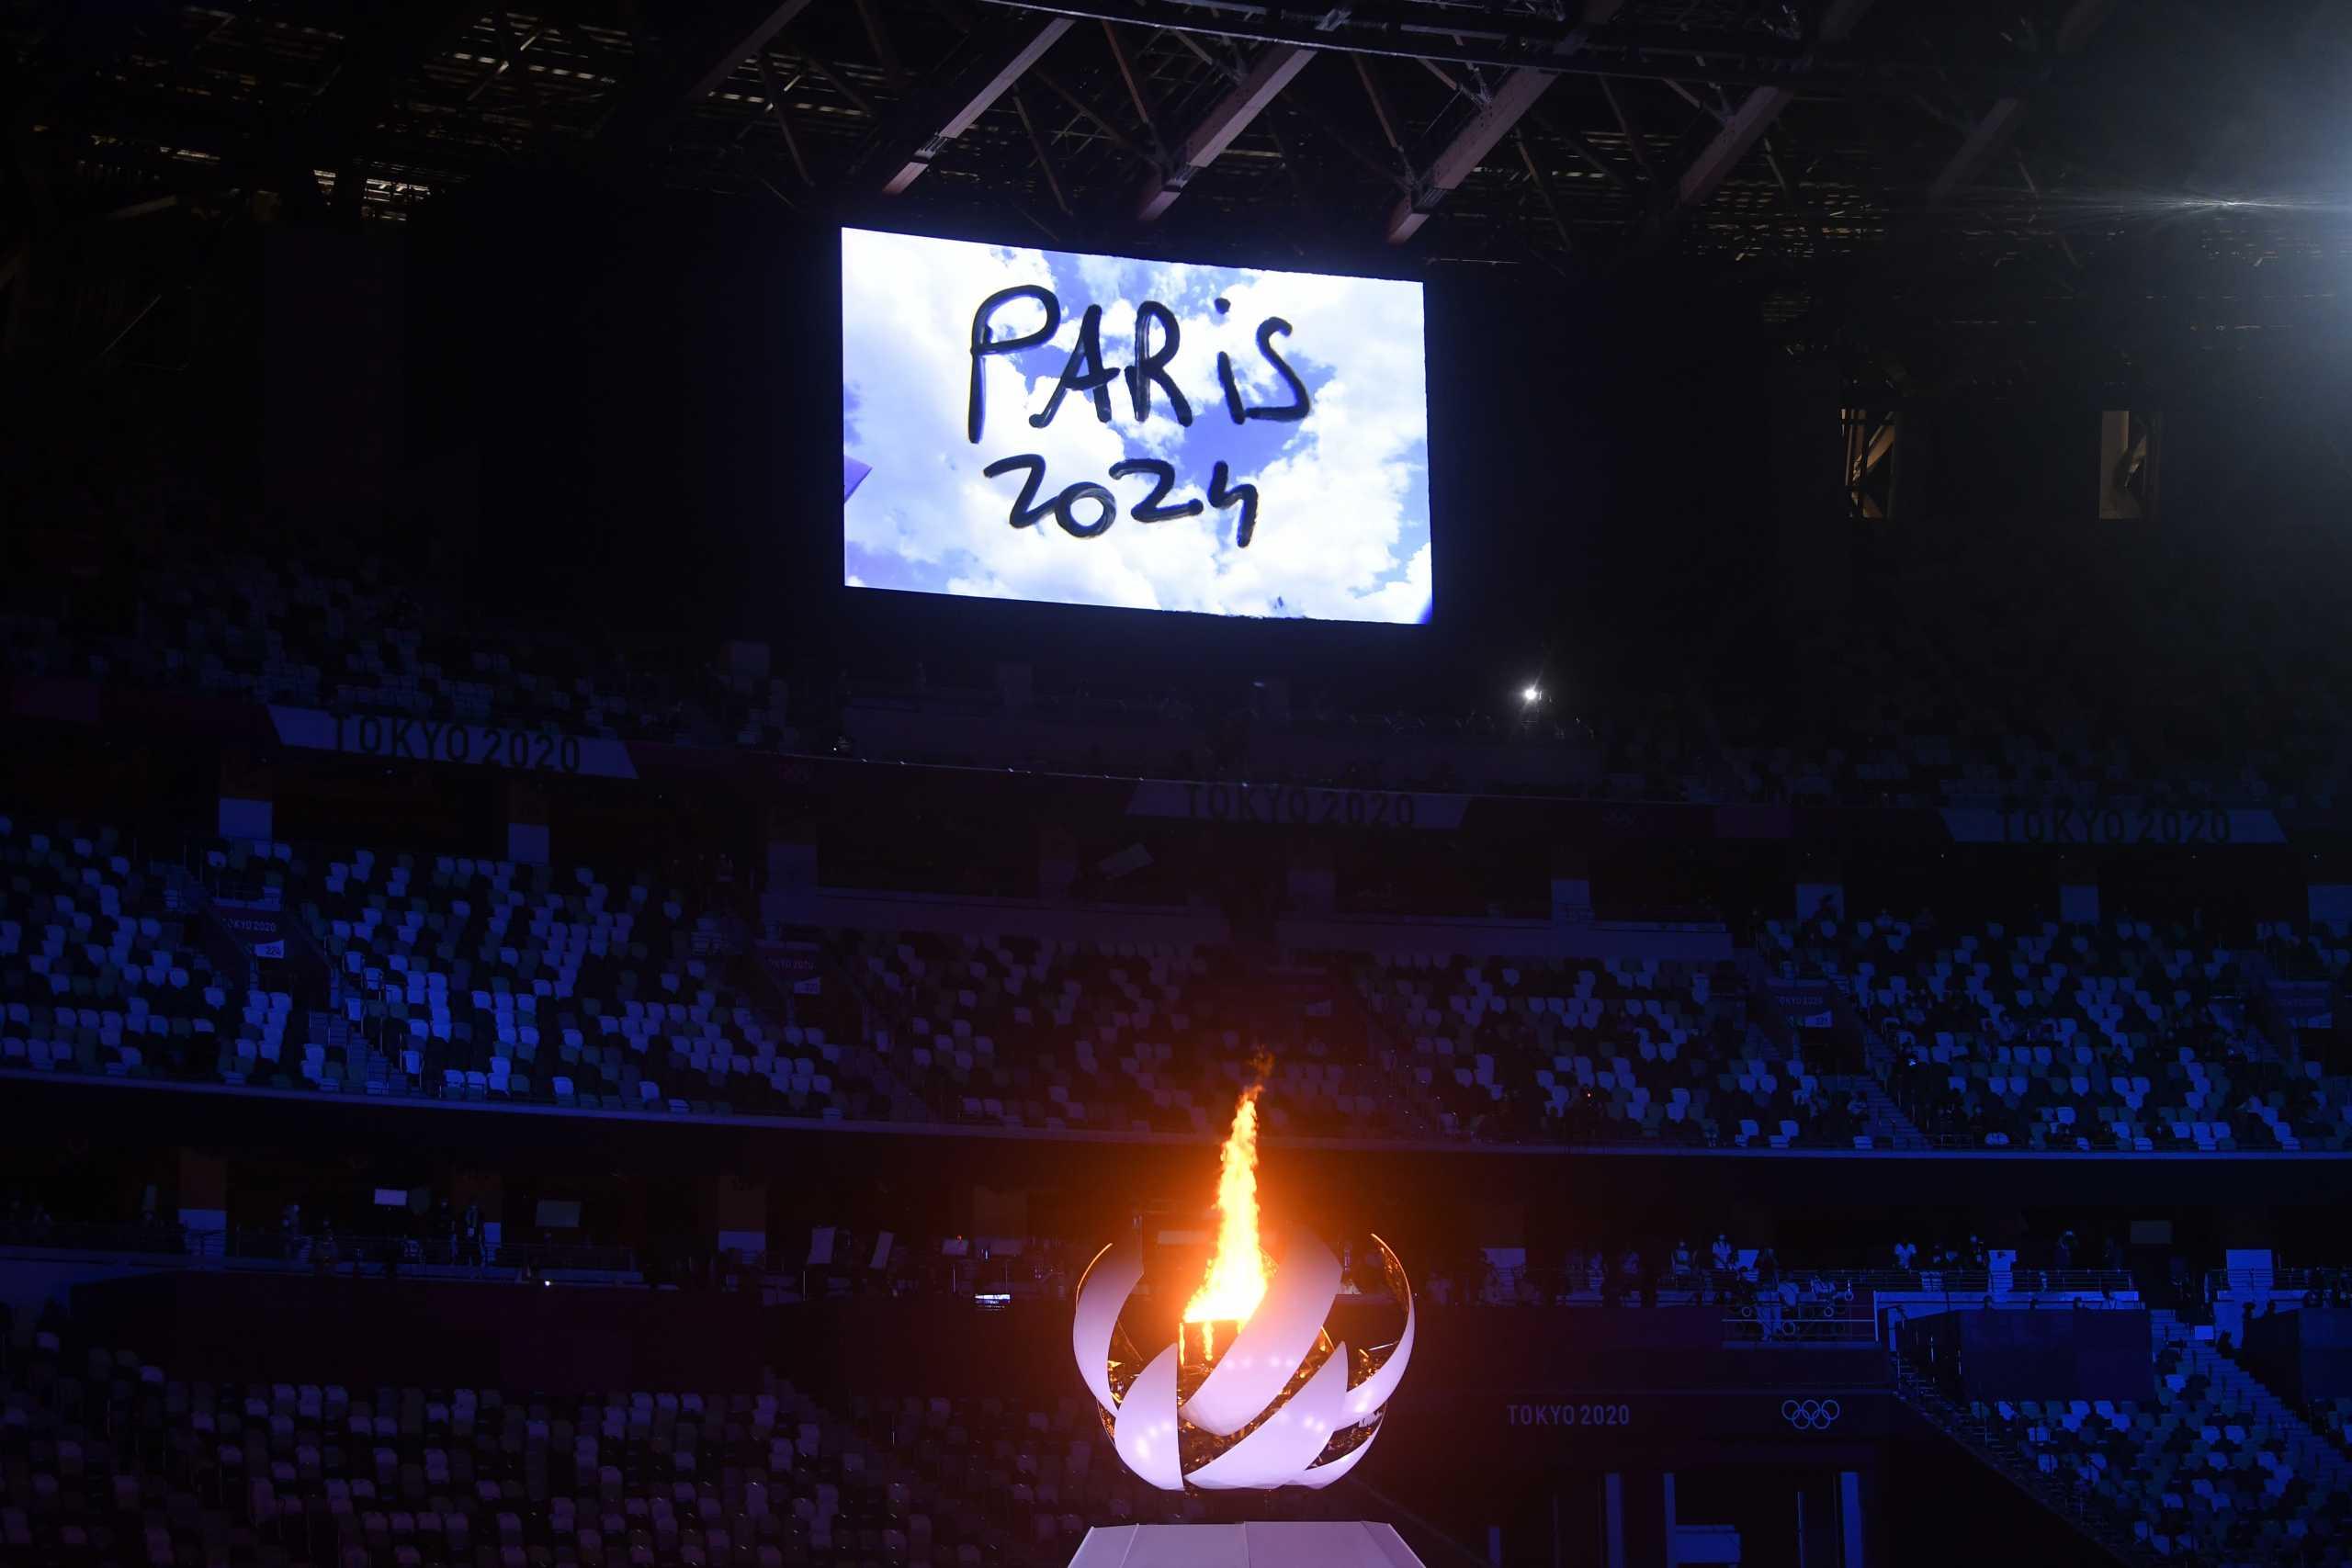 Ολυμπιακοί Αγώνες: Εντυπωσιακή η παράδοση στη Γαλλία στην τελετή λήξης – Η «Μασσαλιώτιδα» από τον Διεθνή Διαστημικό Σταθμό